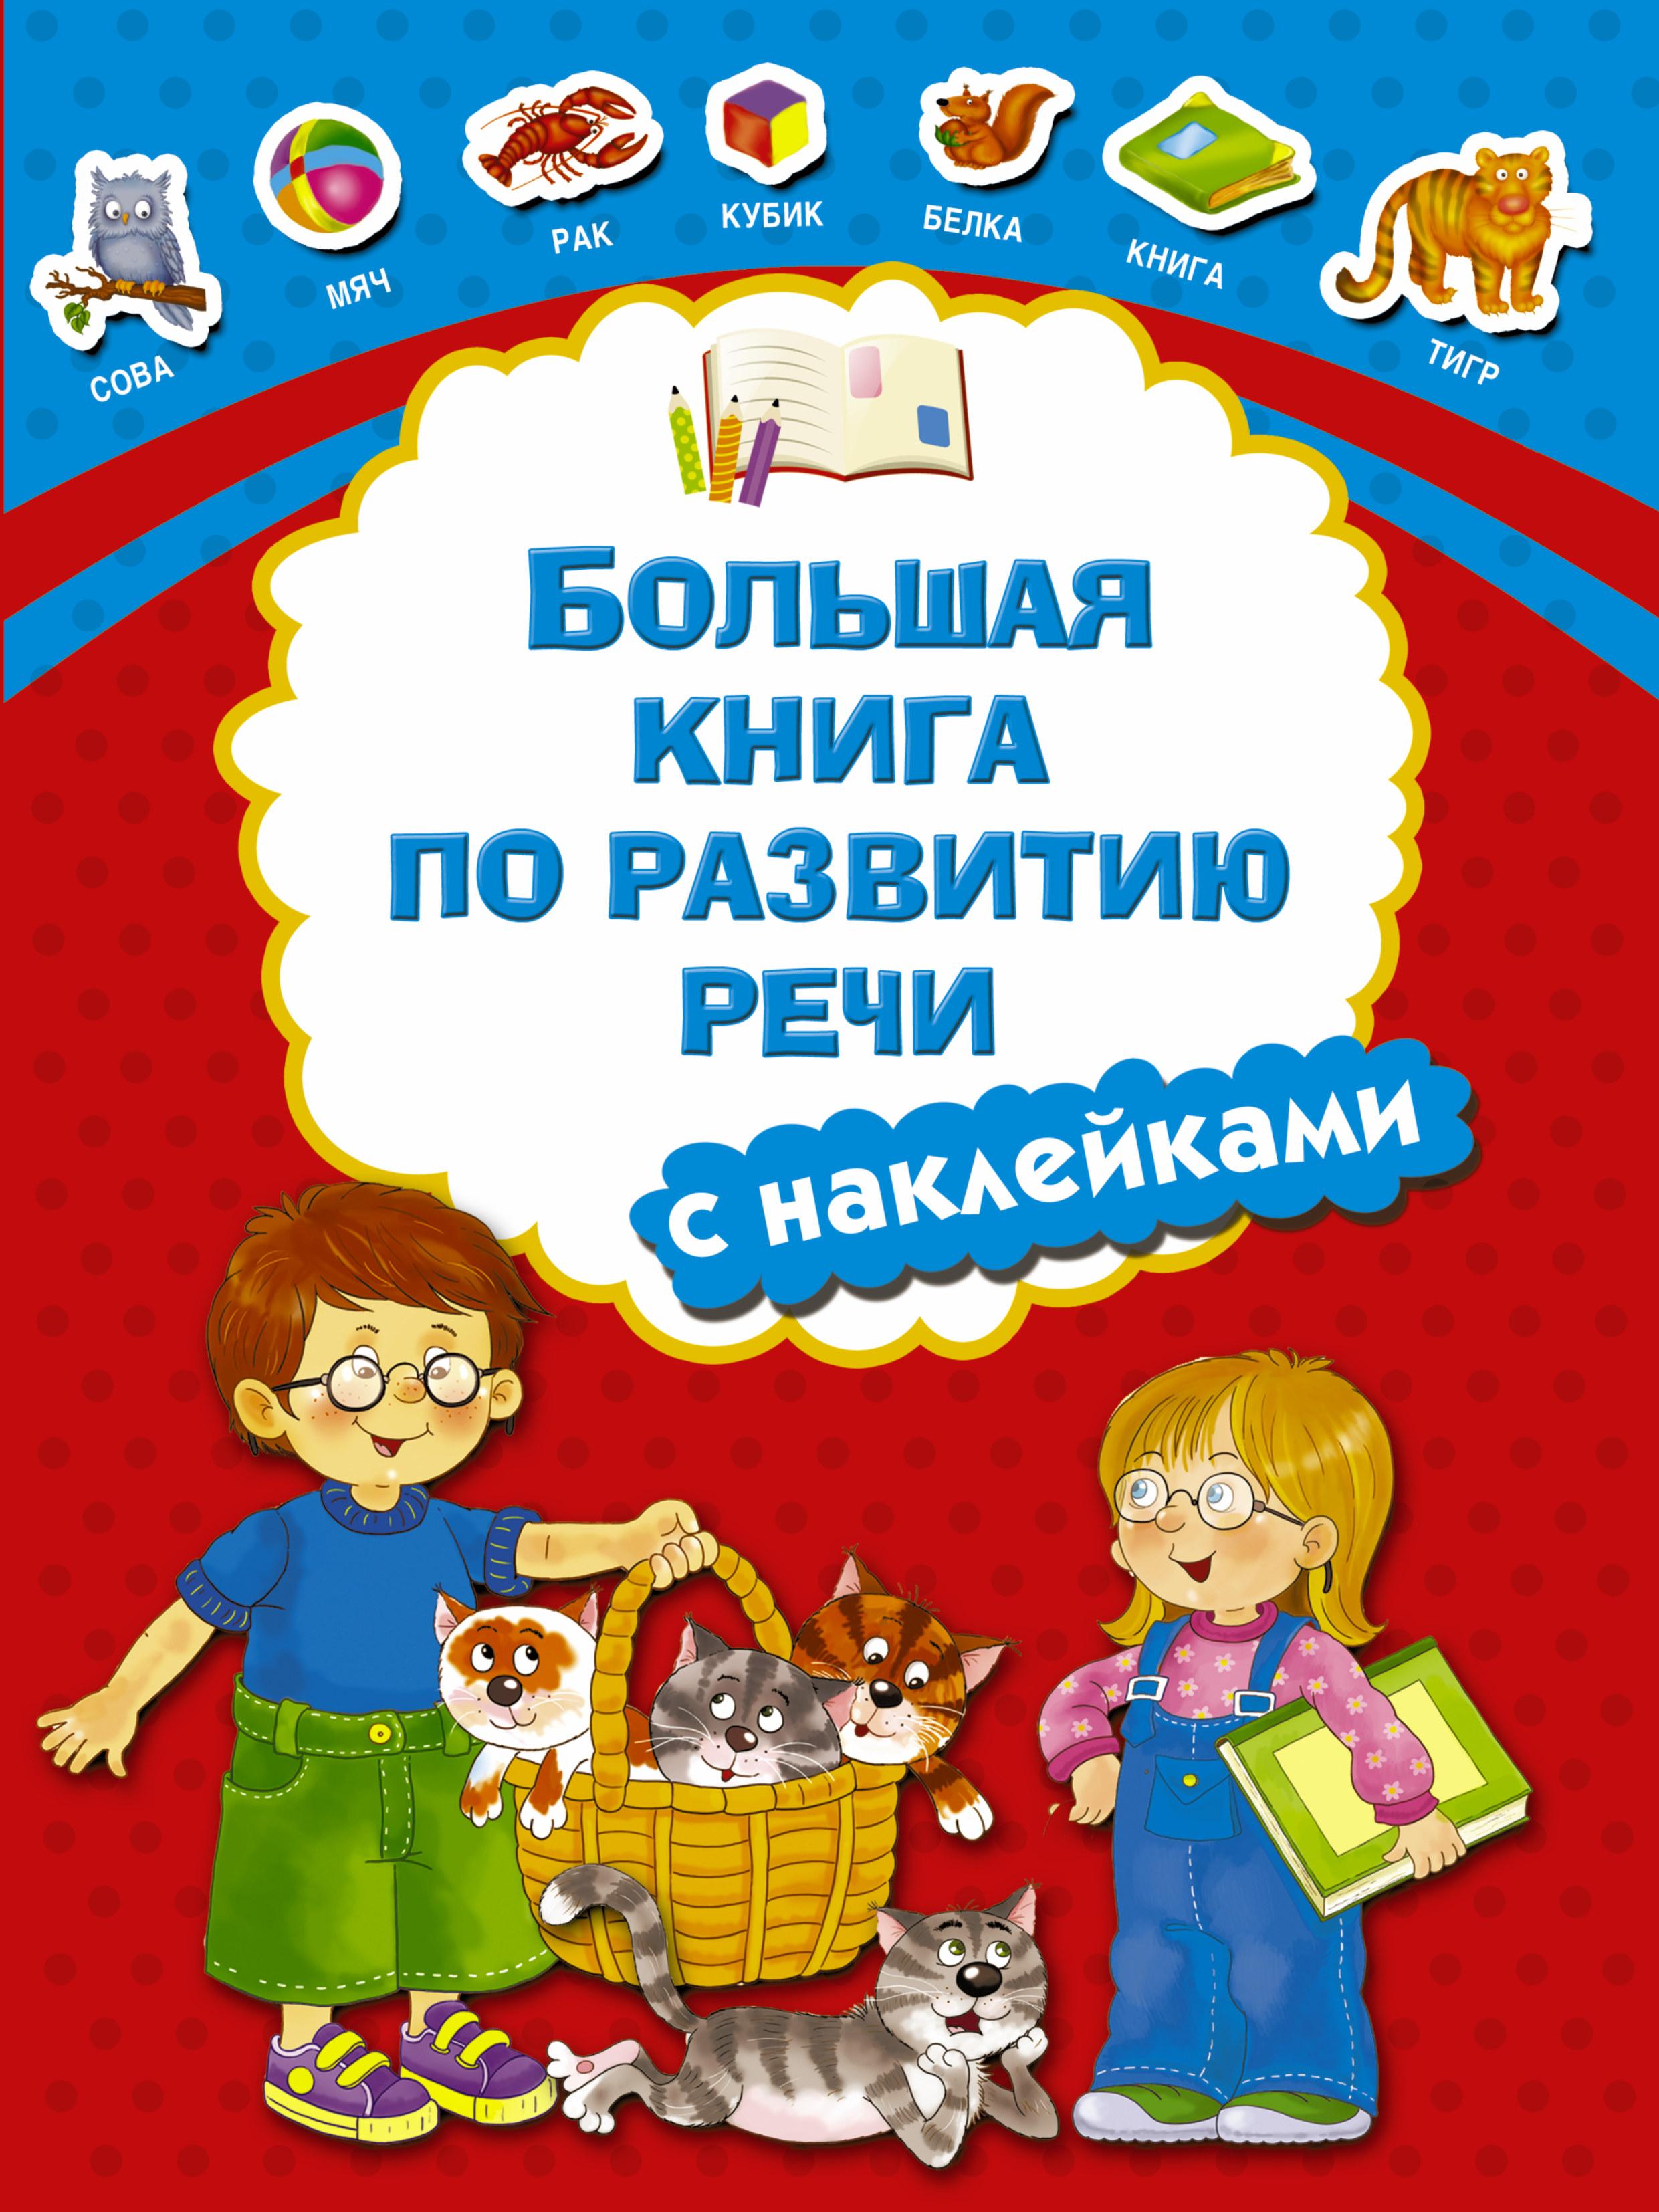 Дмитриева В.Г. Большая книга по развитию речи с наклейками книги издательство аст большая книга по развитию речи